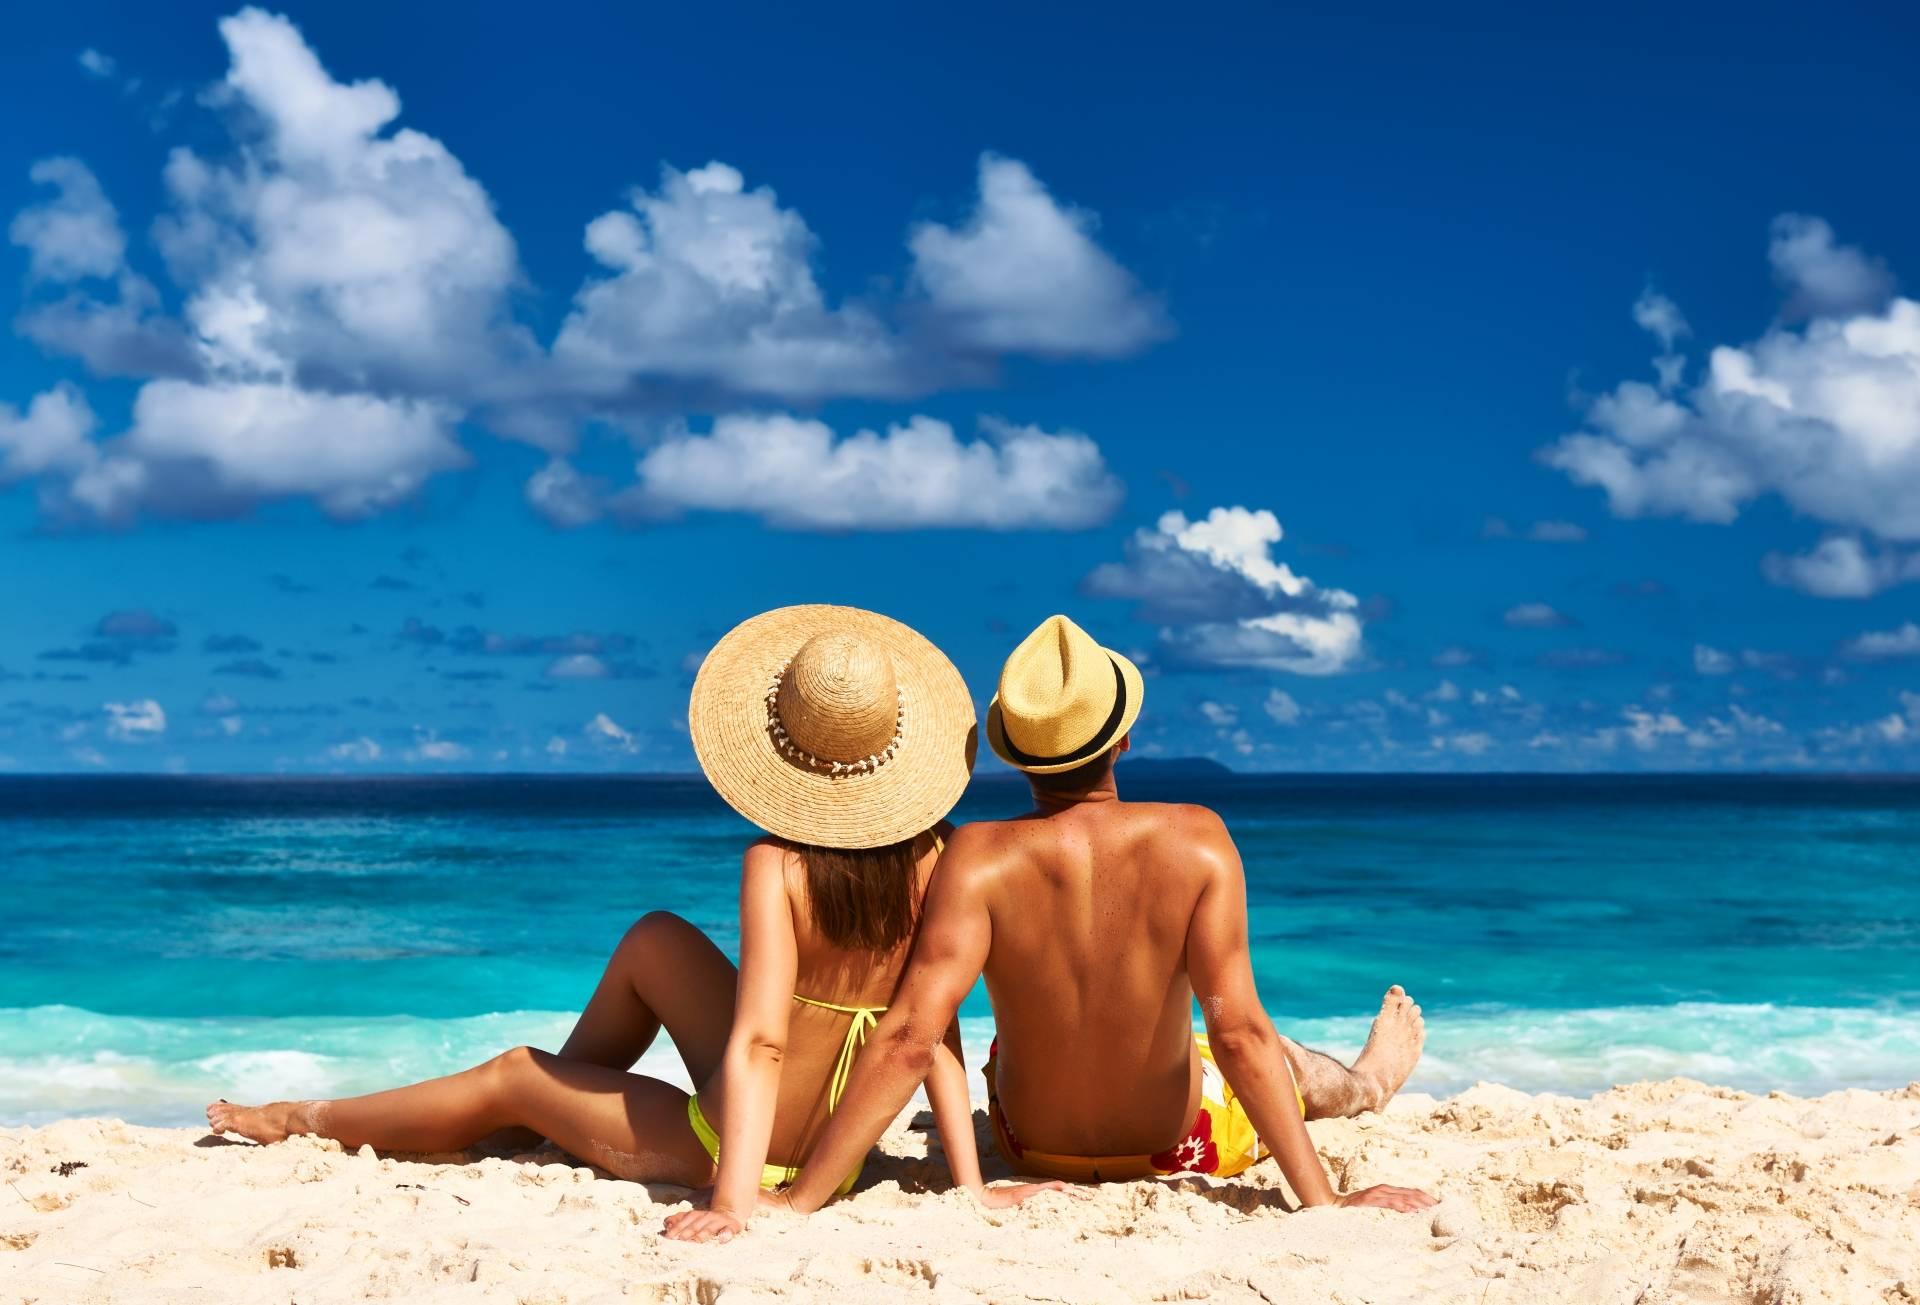 Jak przygotować skórę do opalania? Co jeść i czym smarować skórę? Para siedzi na plaży na tropikalnej wyspie na Seszelach.